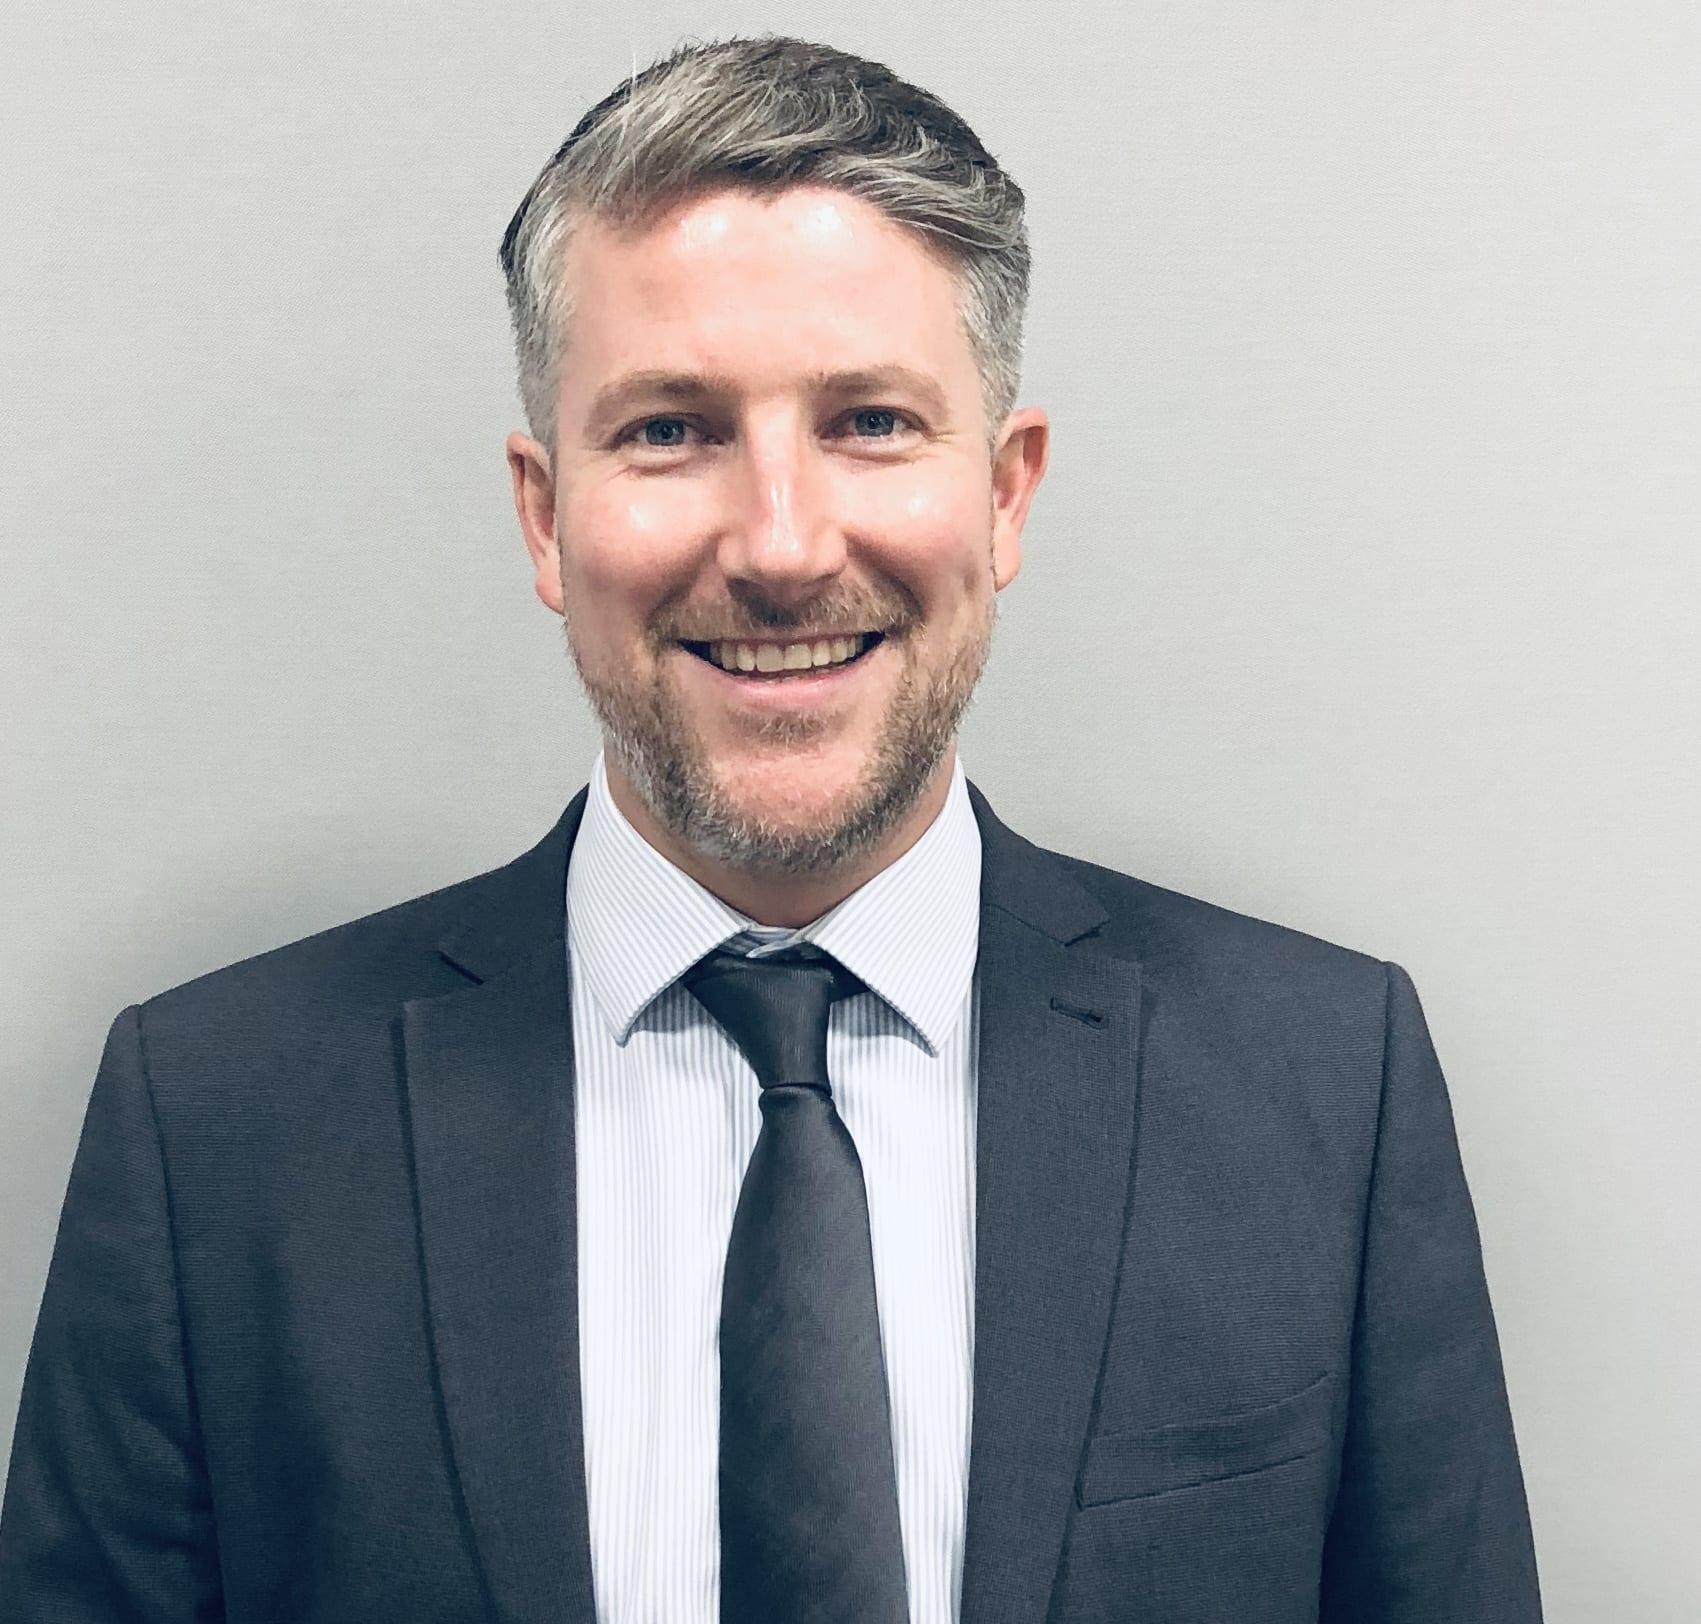 Matt Williams in a suit, smiling